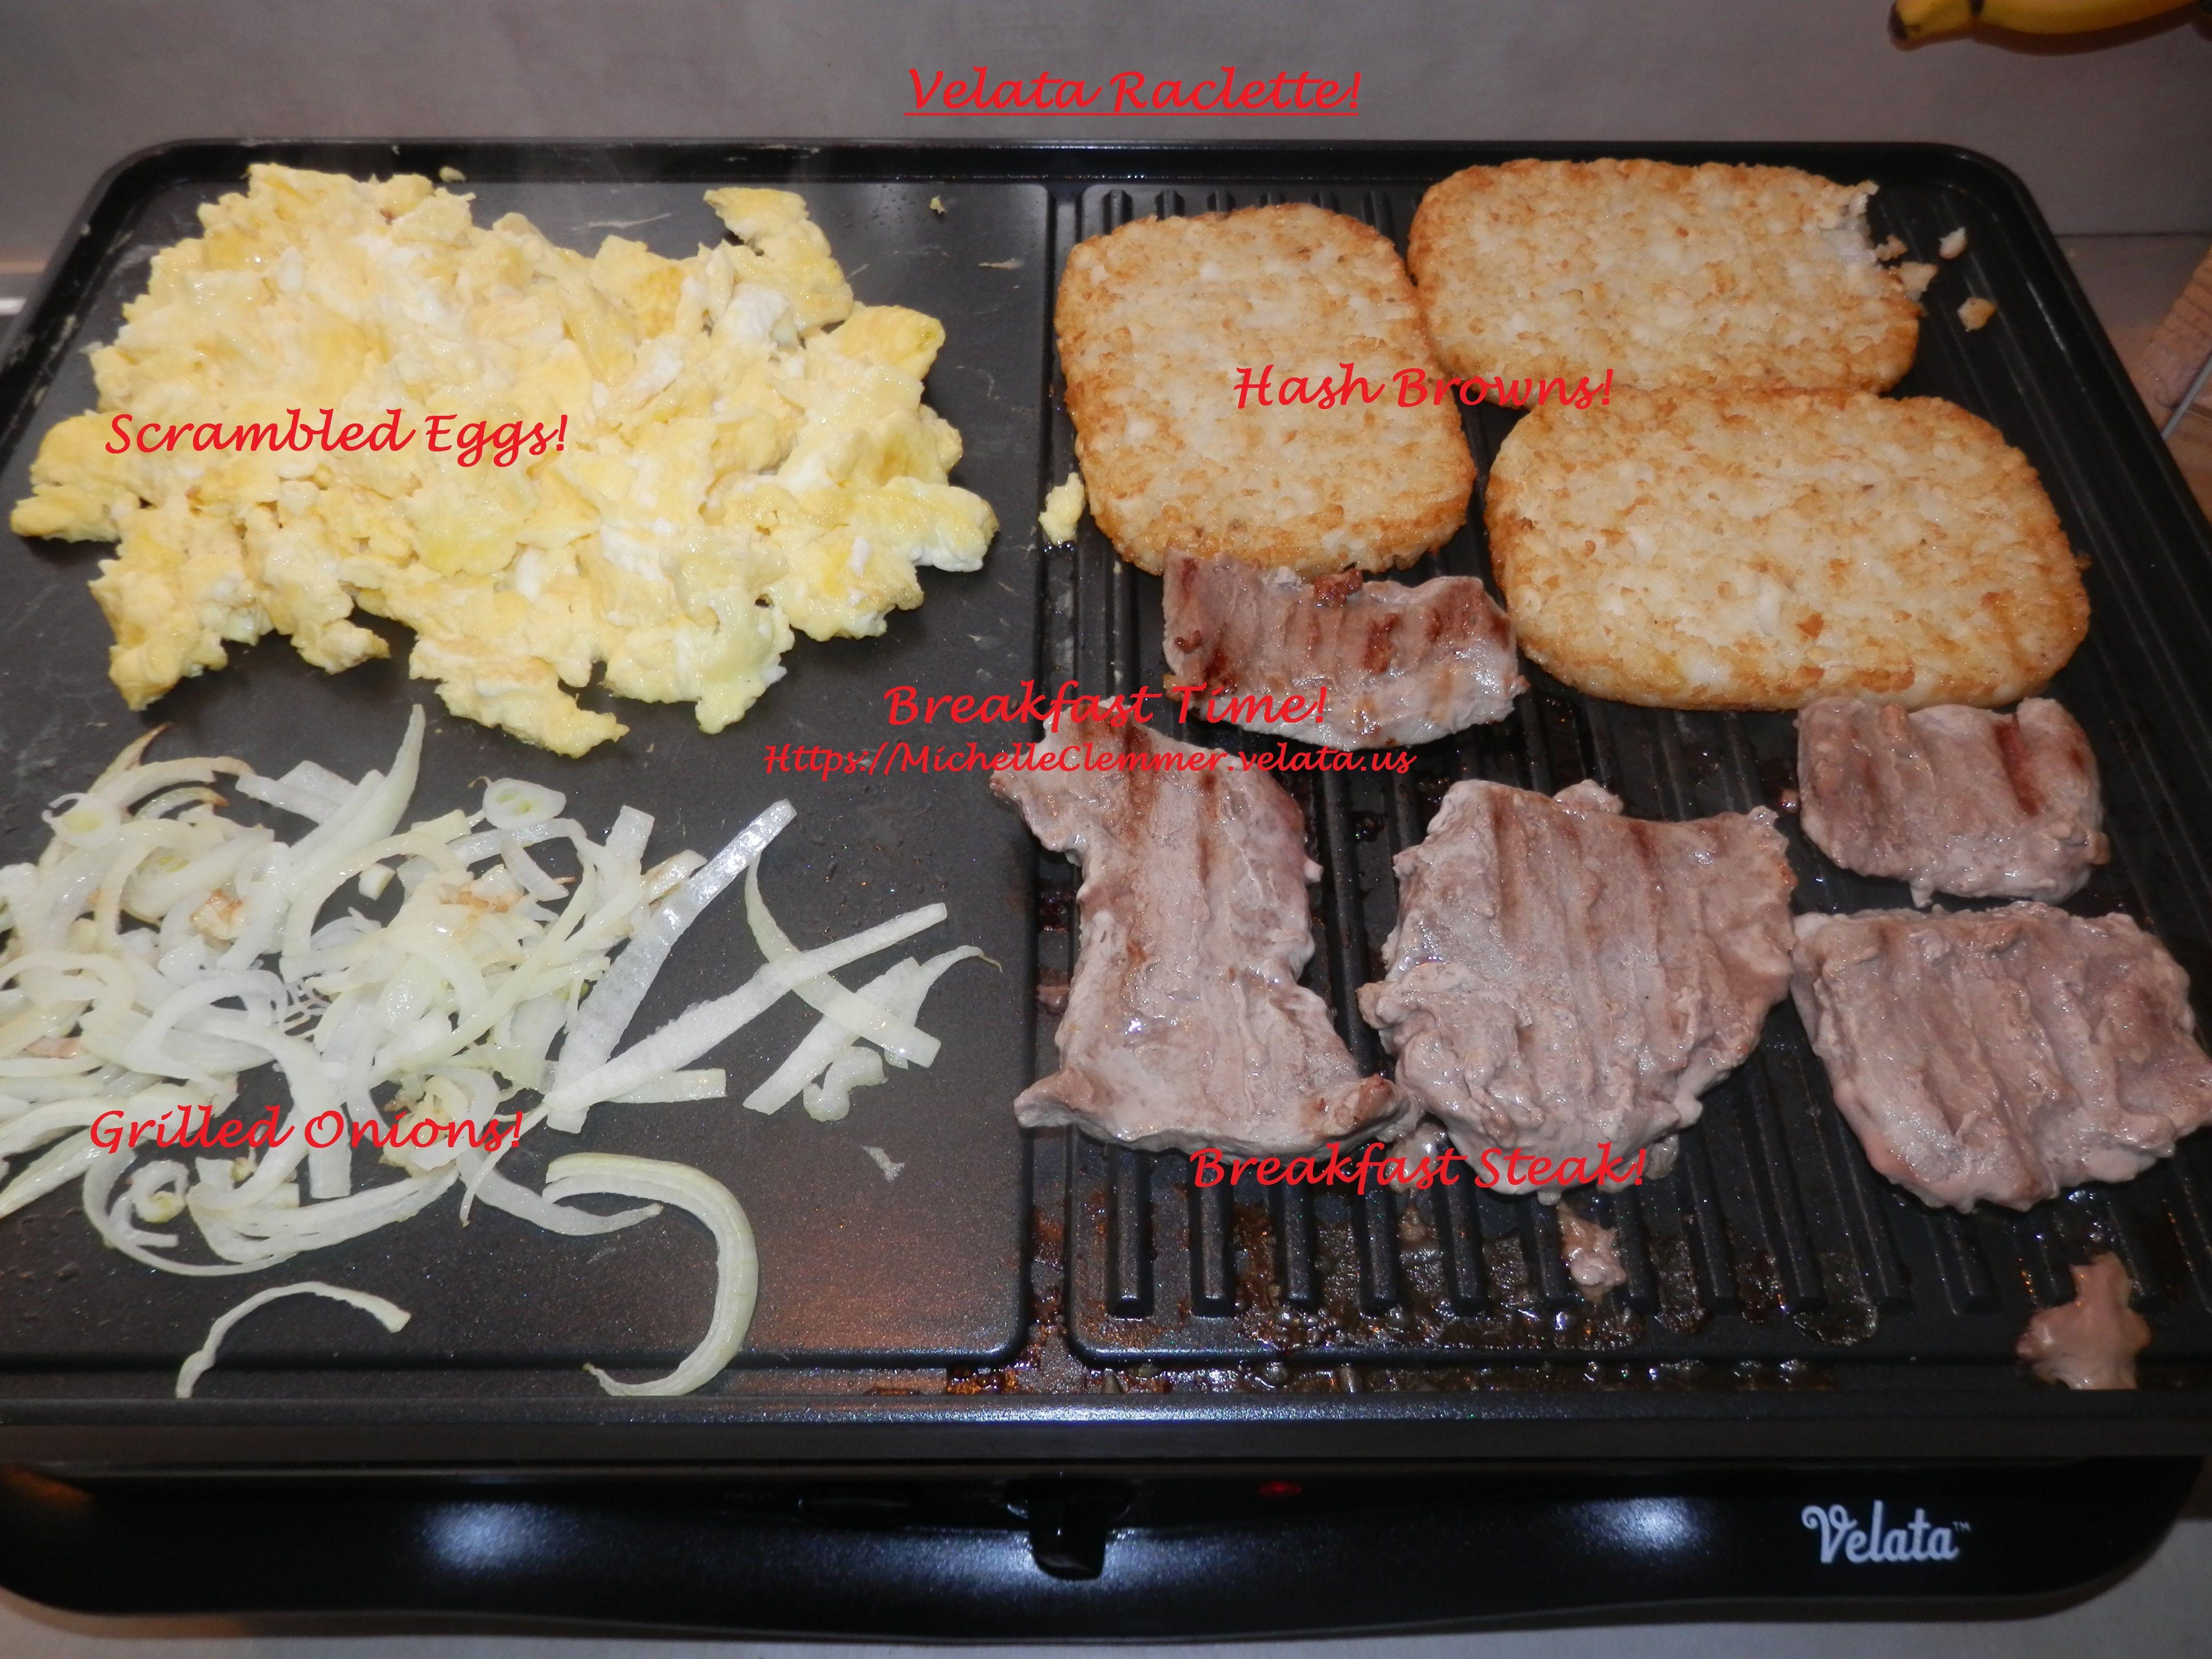 0a971d2541a7c1c6f5bd79a59e9c9a44 - Raclette Ricette